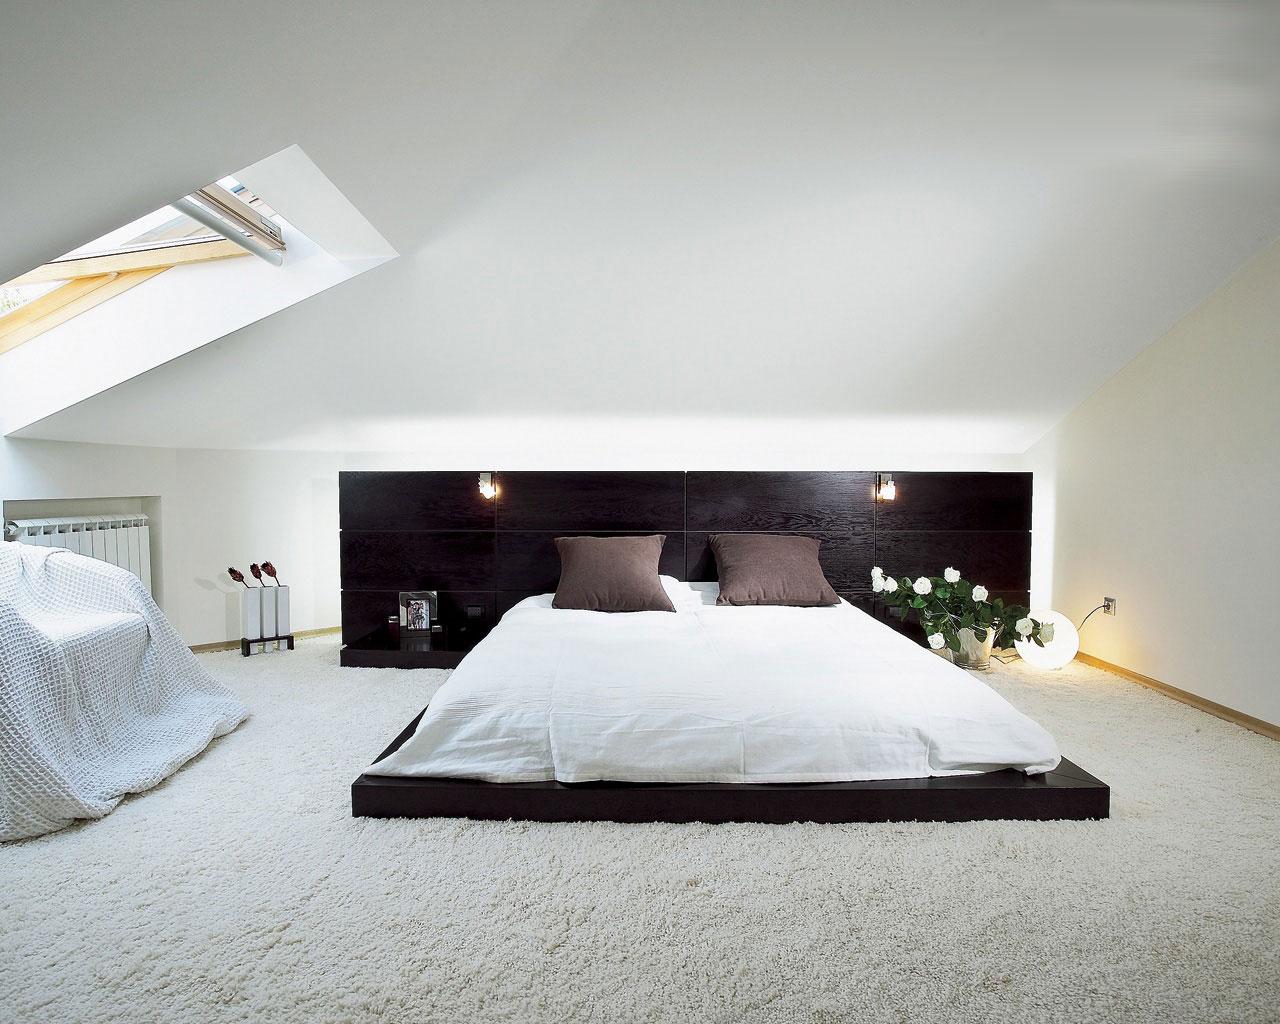 низкая кровать в стиле минимализм в спальне под крышей